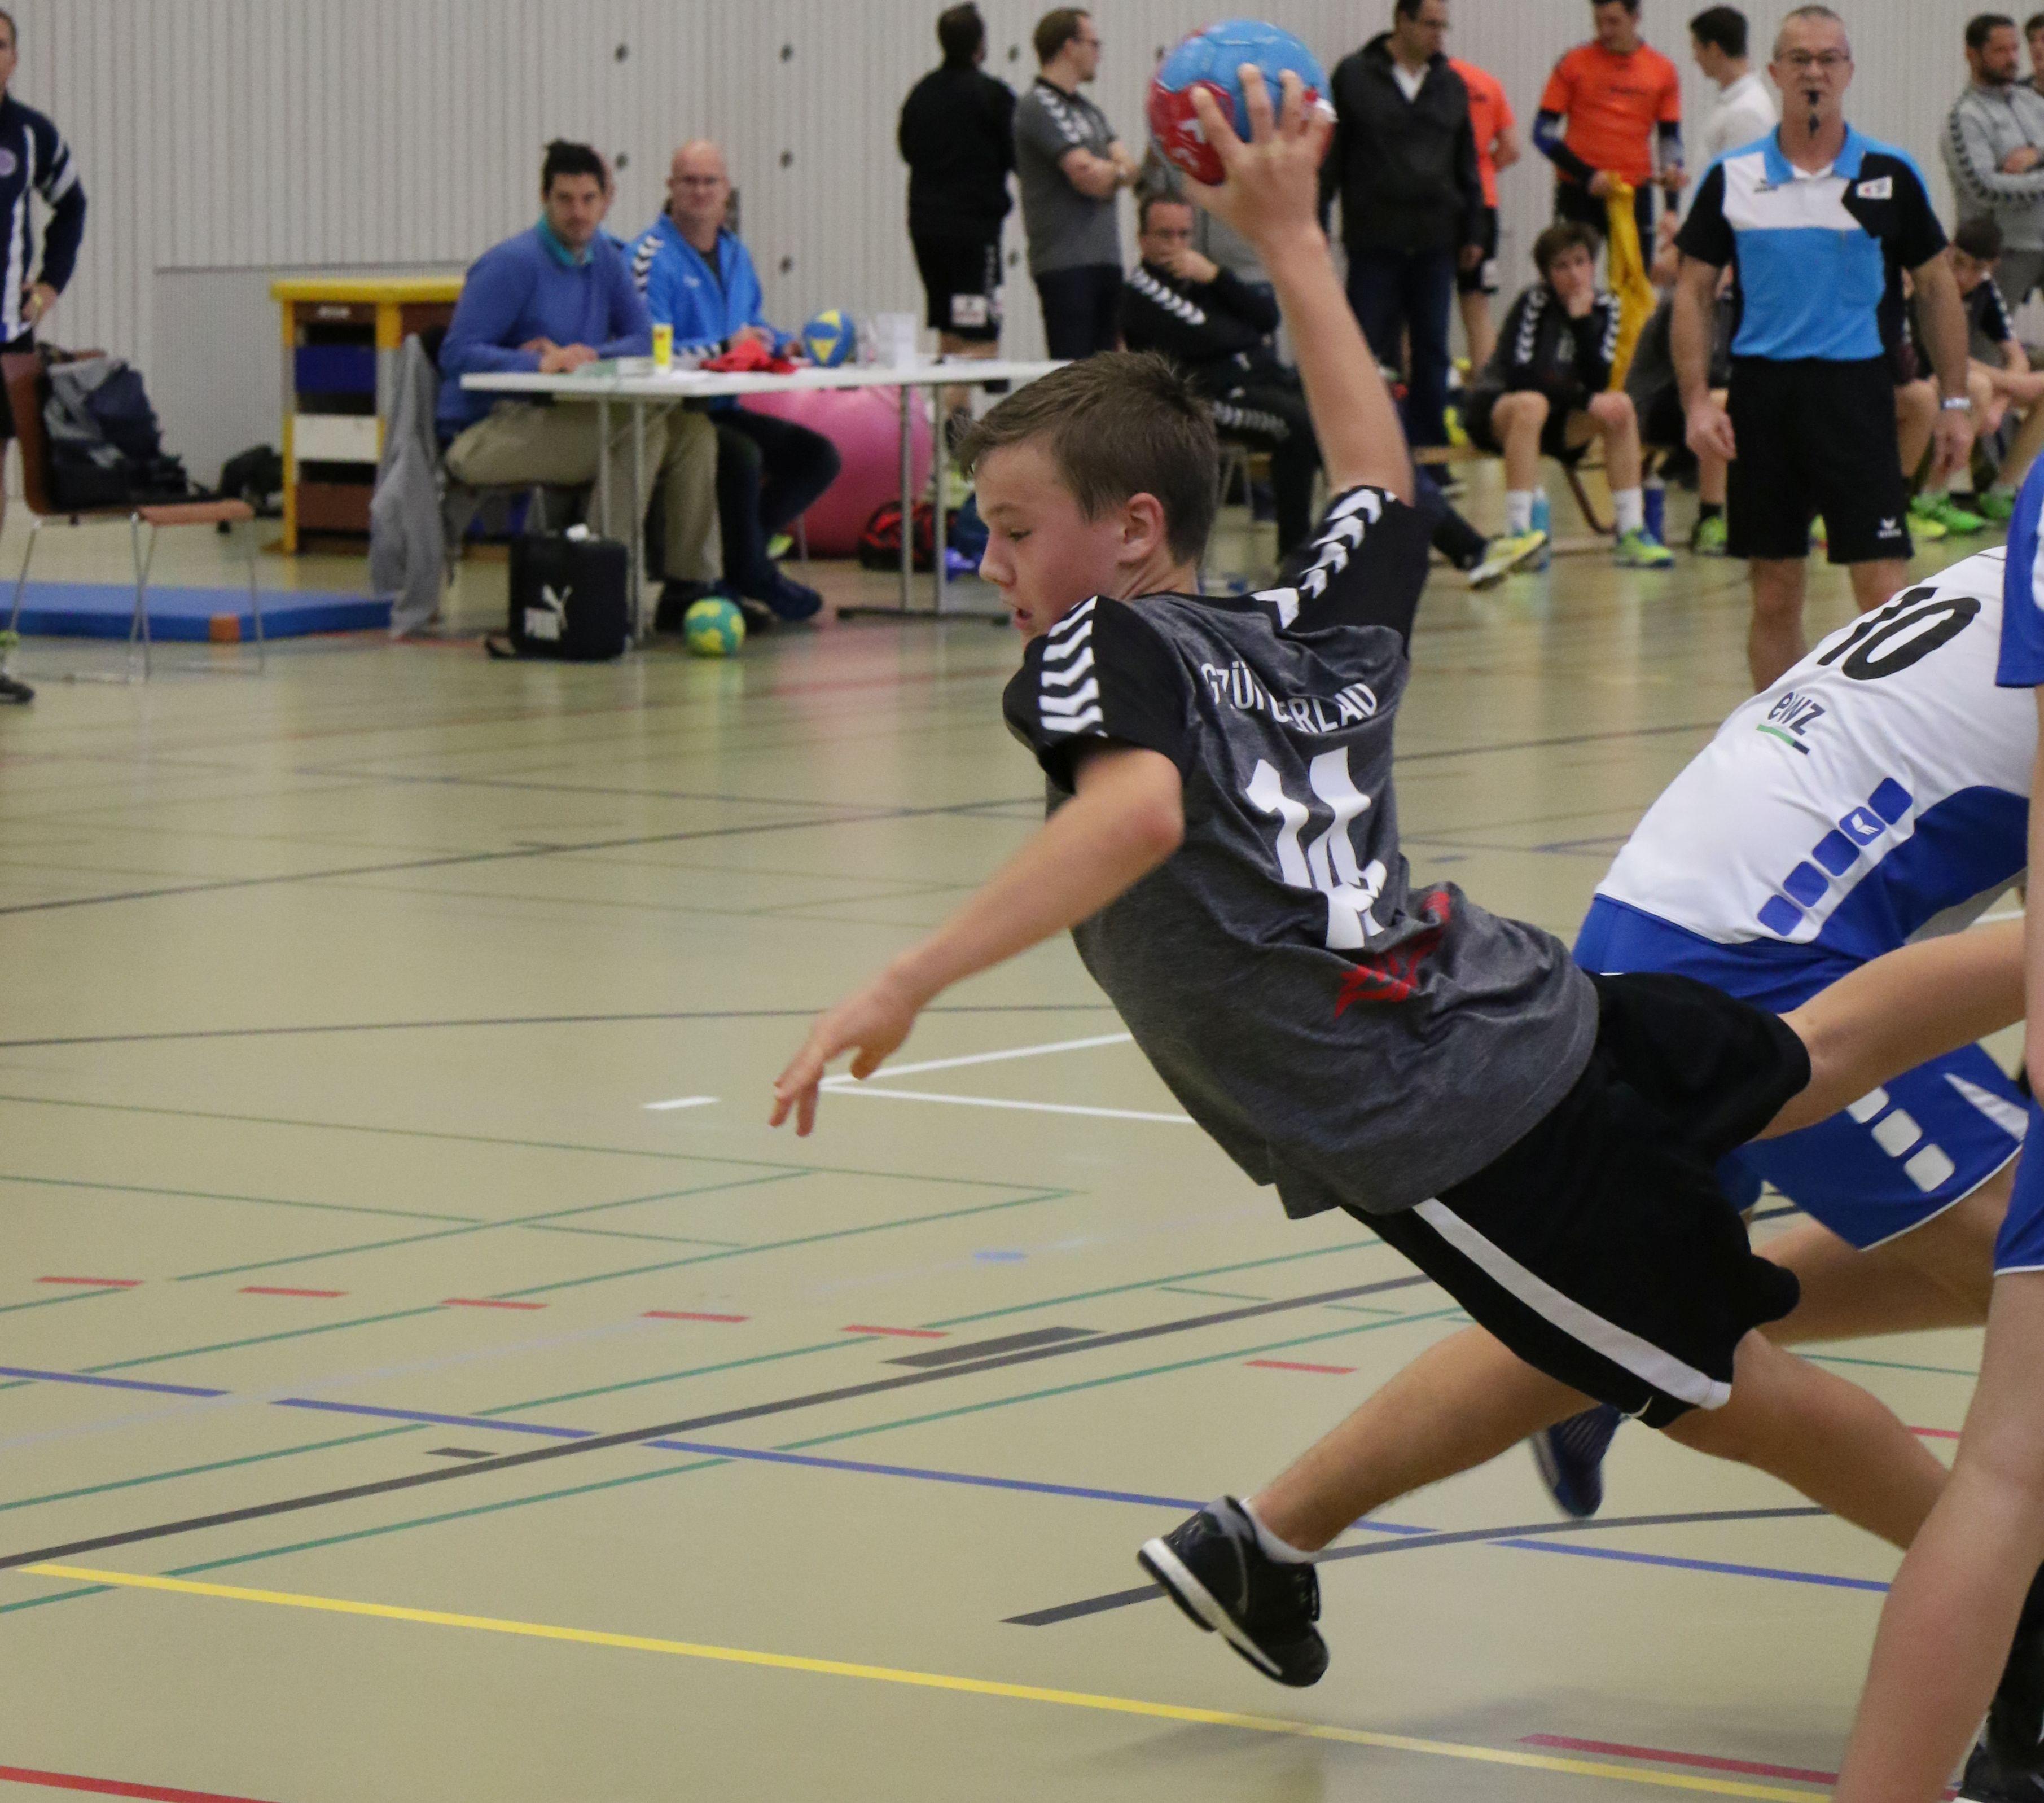 MU15 2017/11/25 - Schwamendingen Handball